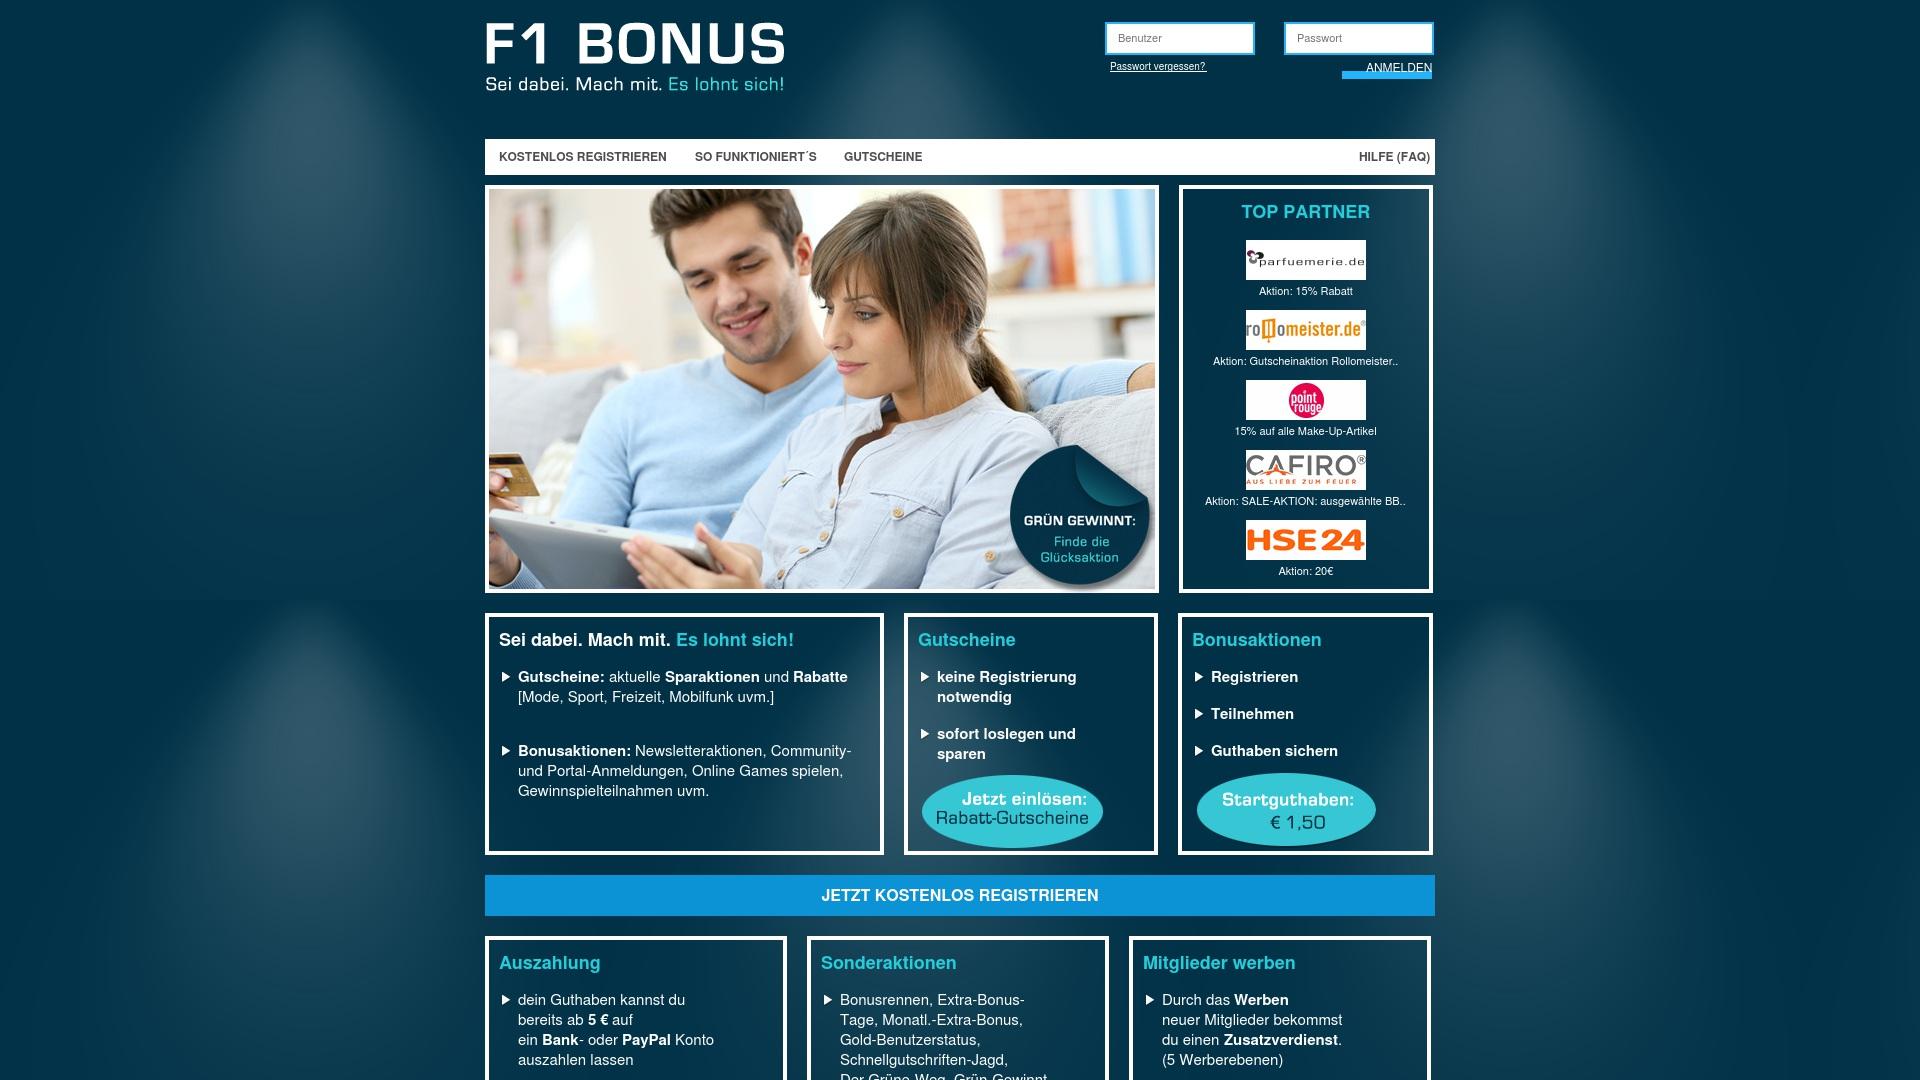 Geld zurück bei F1bonus: Jetzt im April 2021 Cashback für F1bonus sichern